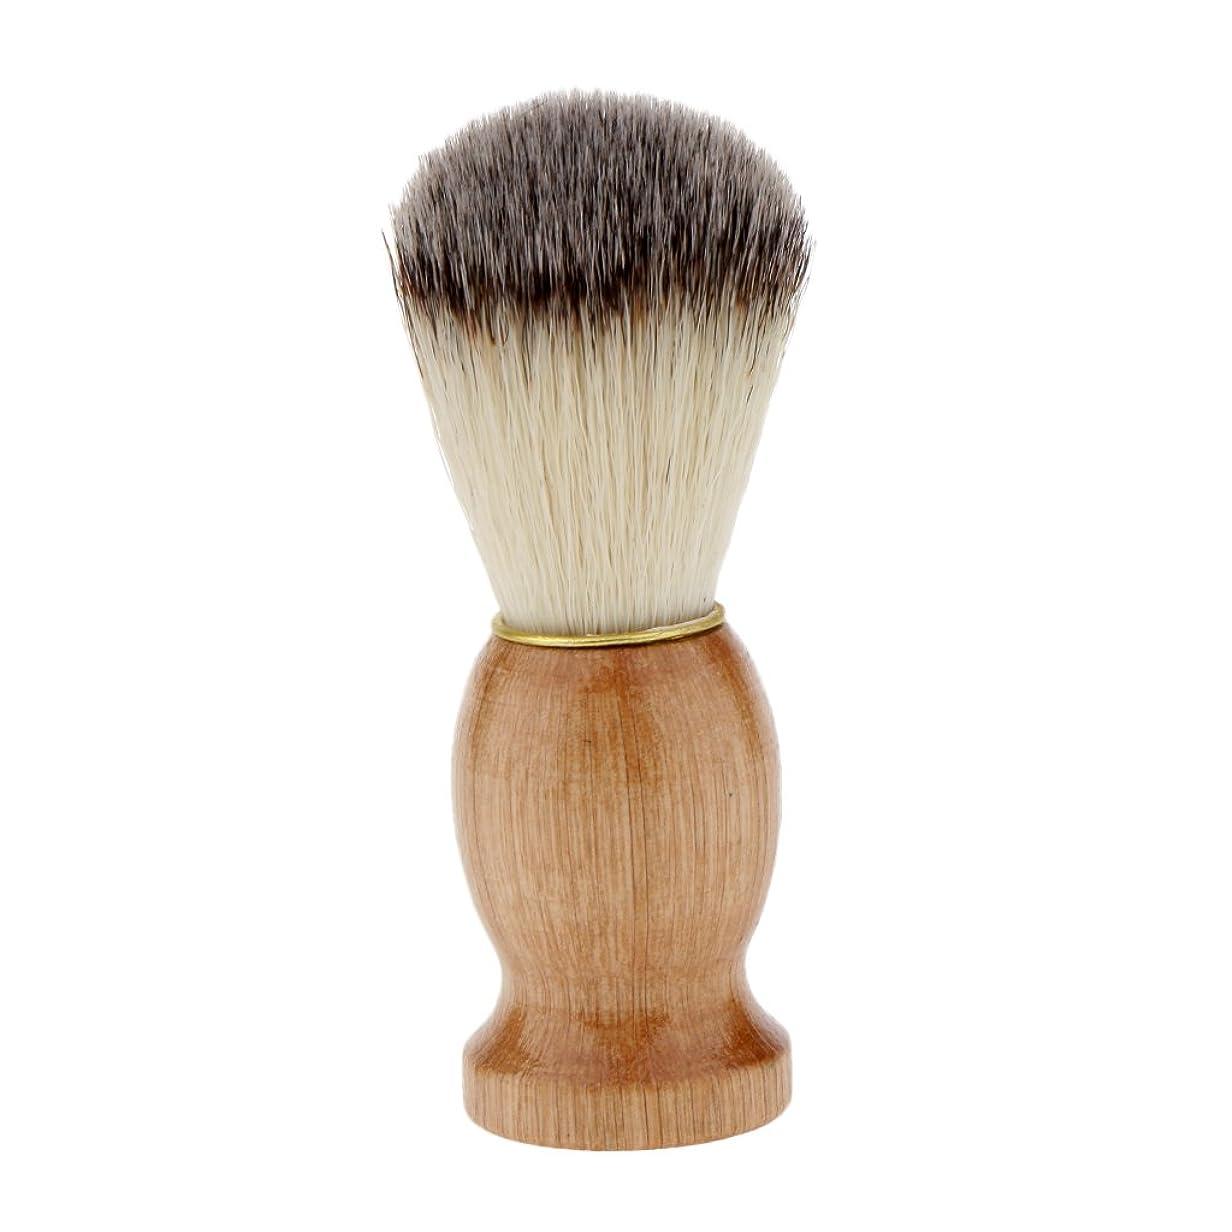 船乗りヒープバングラデシュKesoto シェービングブラシ コスメブラシ 木製ハンドル メンズ ひげ剃りブラシ クレンジング